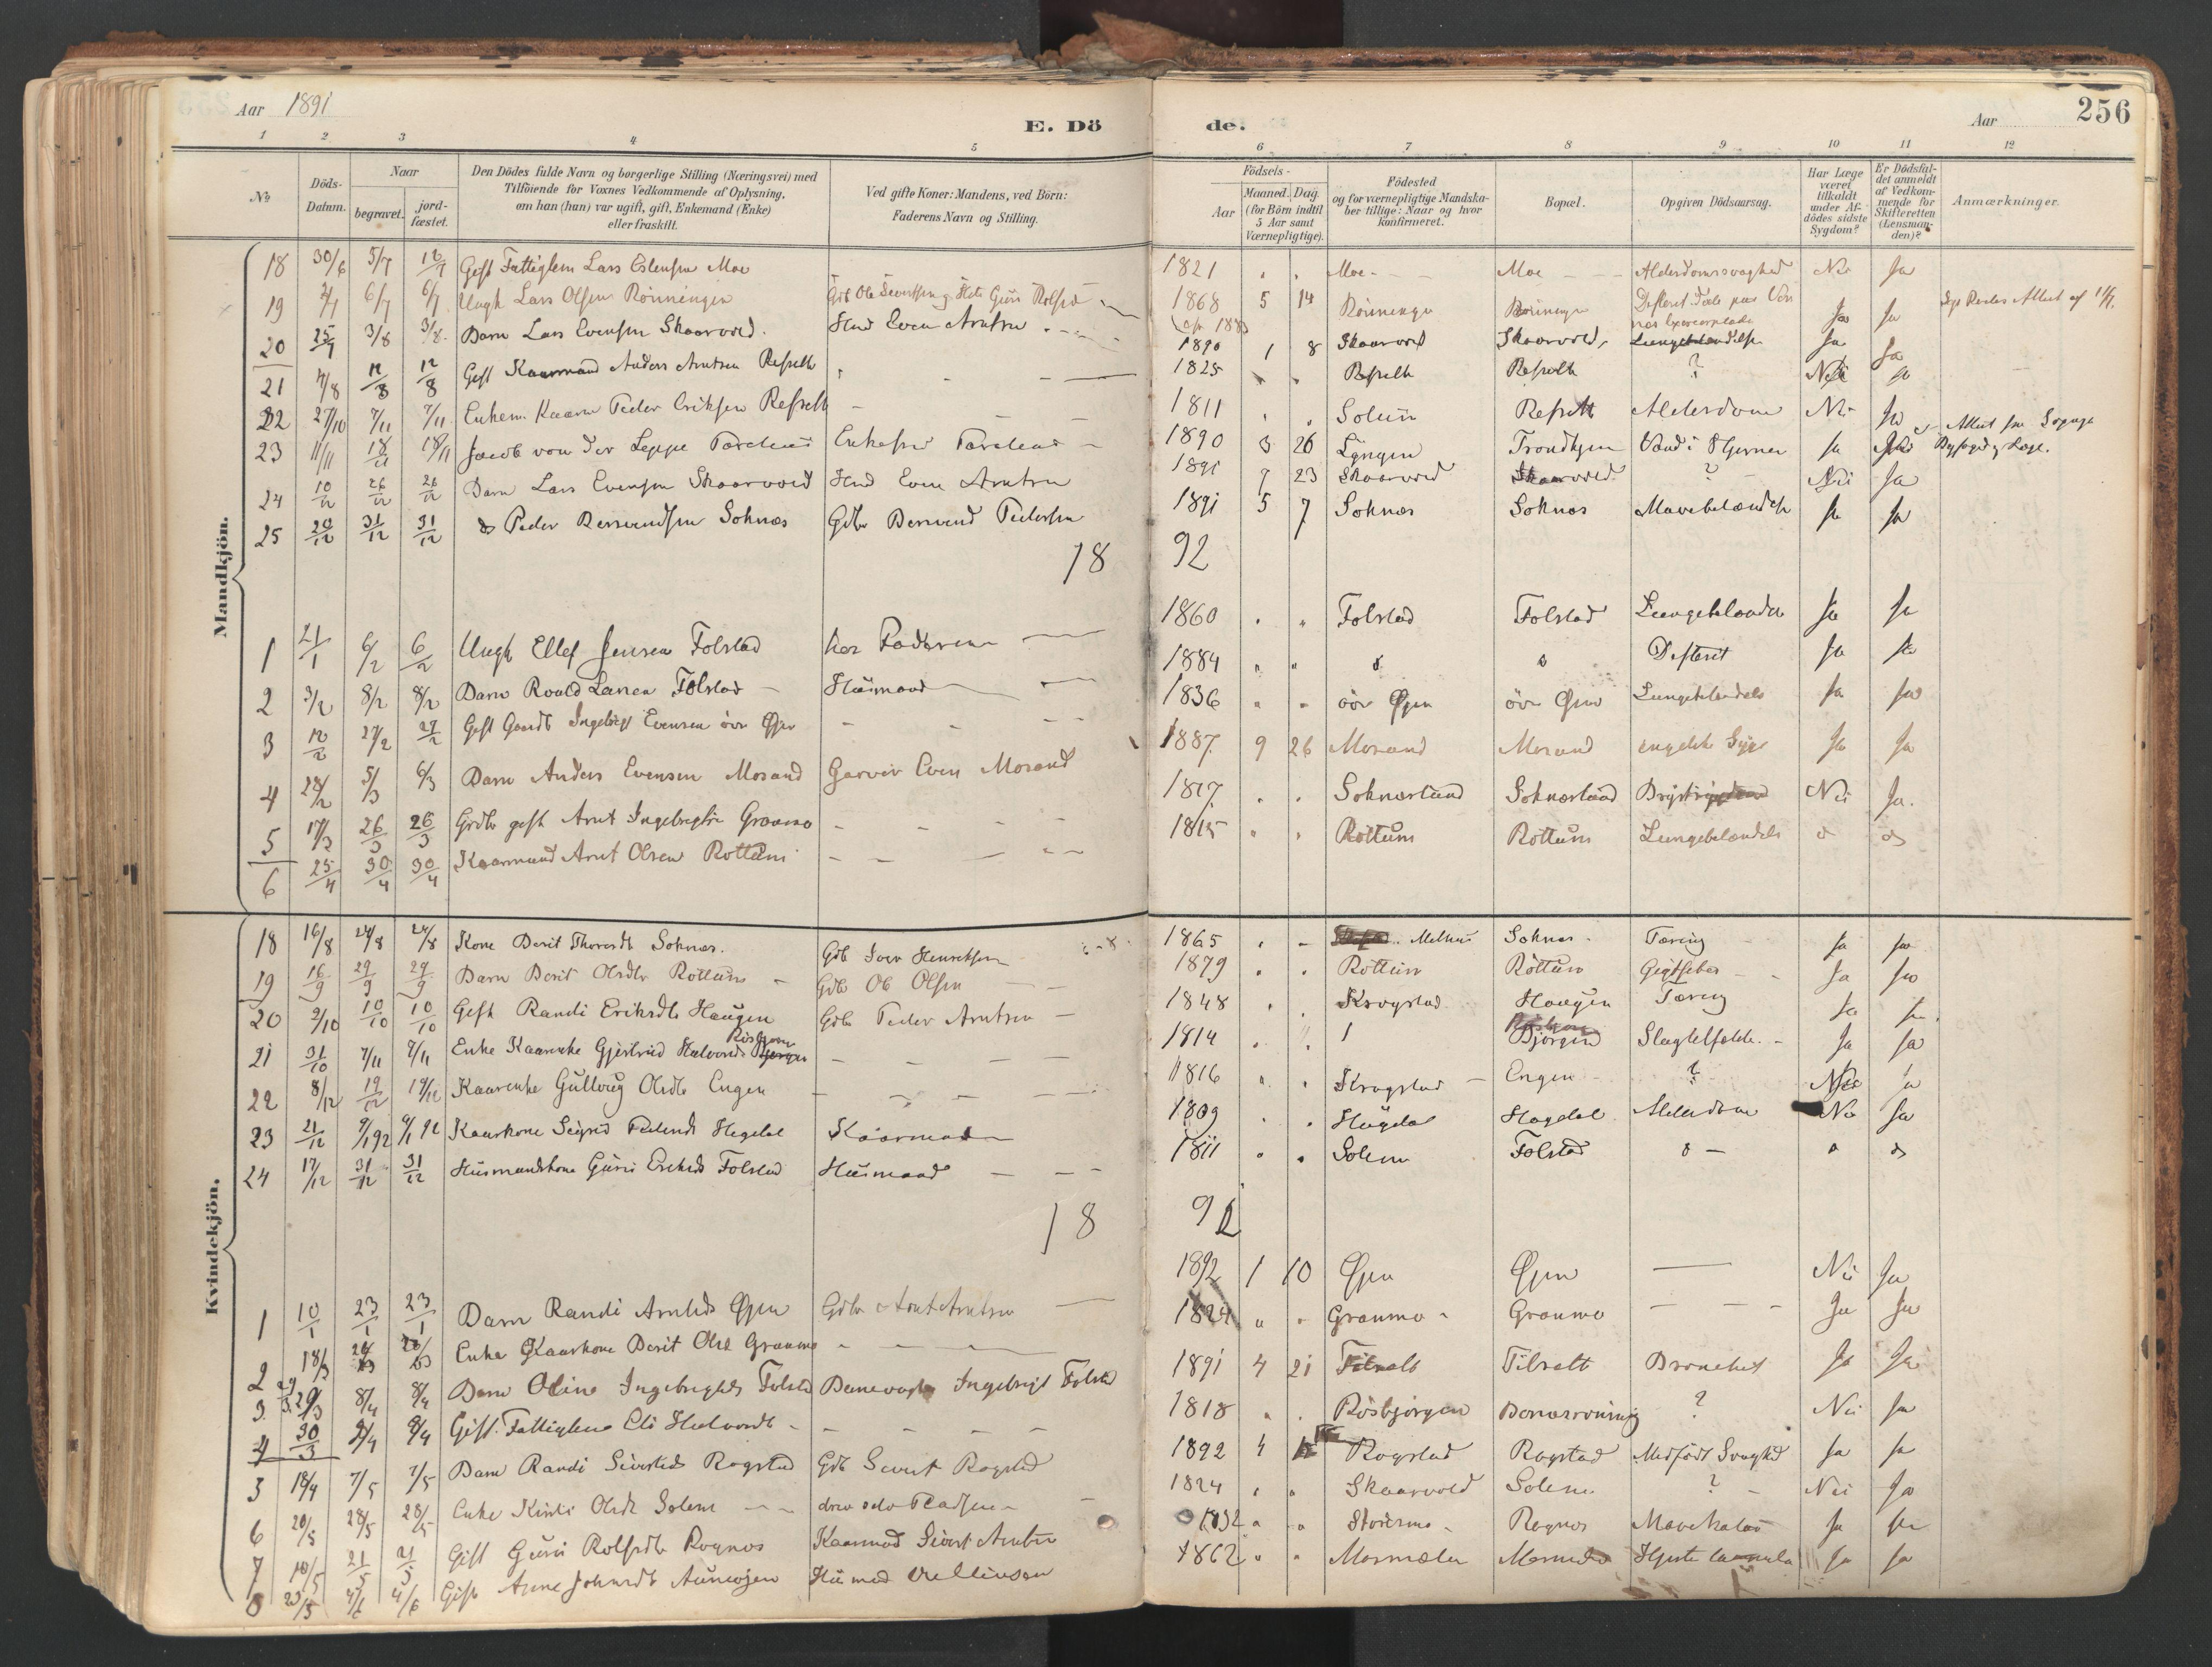 SAT, Ministerialprotokoller, klokkerbøker og fødselsregistre - Sør-Trøndelag, 687/L1004: Ministerialbok nr. 687A10, 1891-1923, s. 256